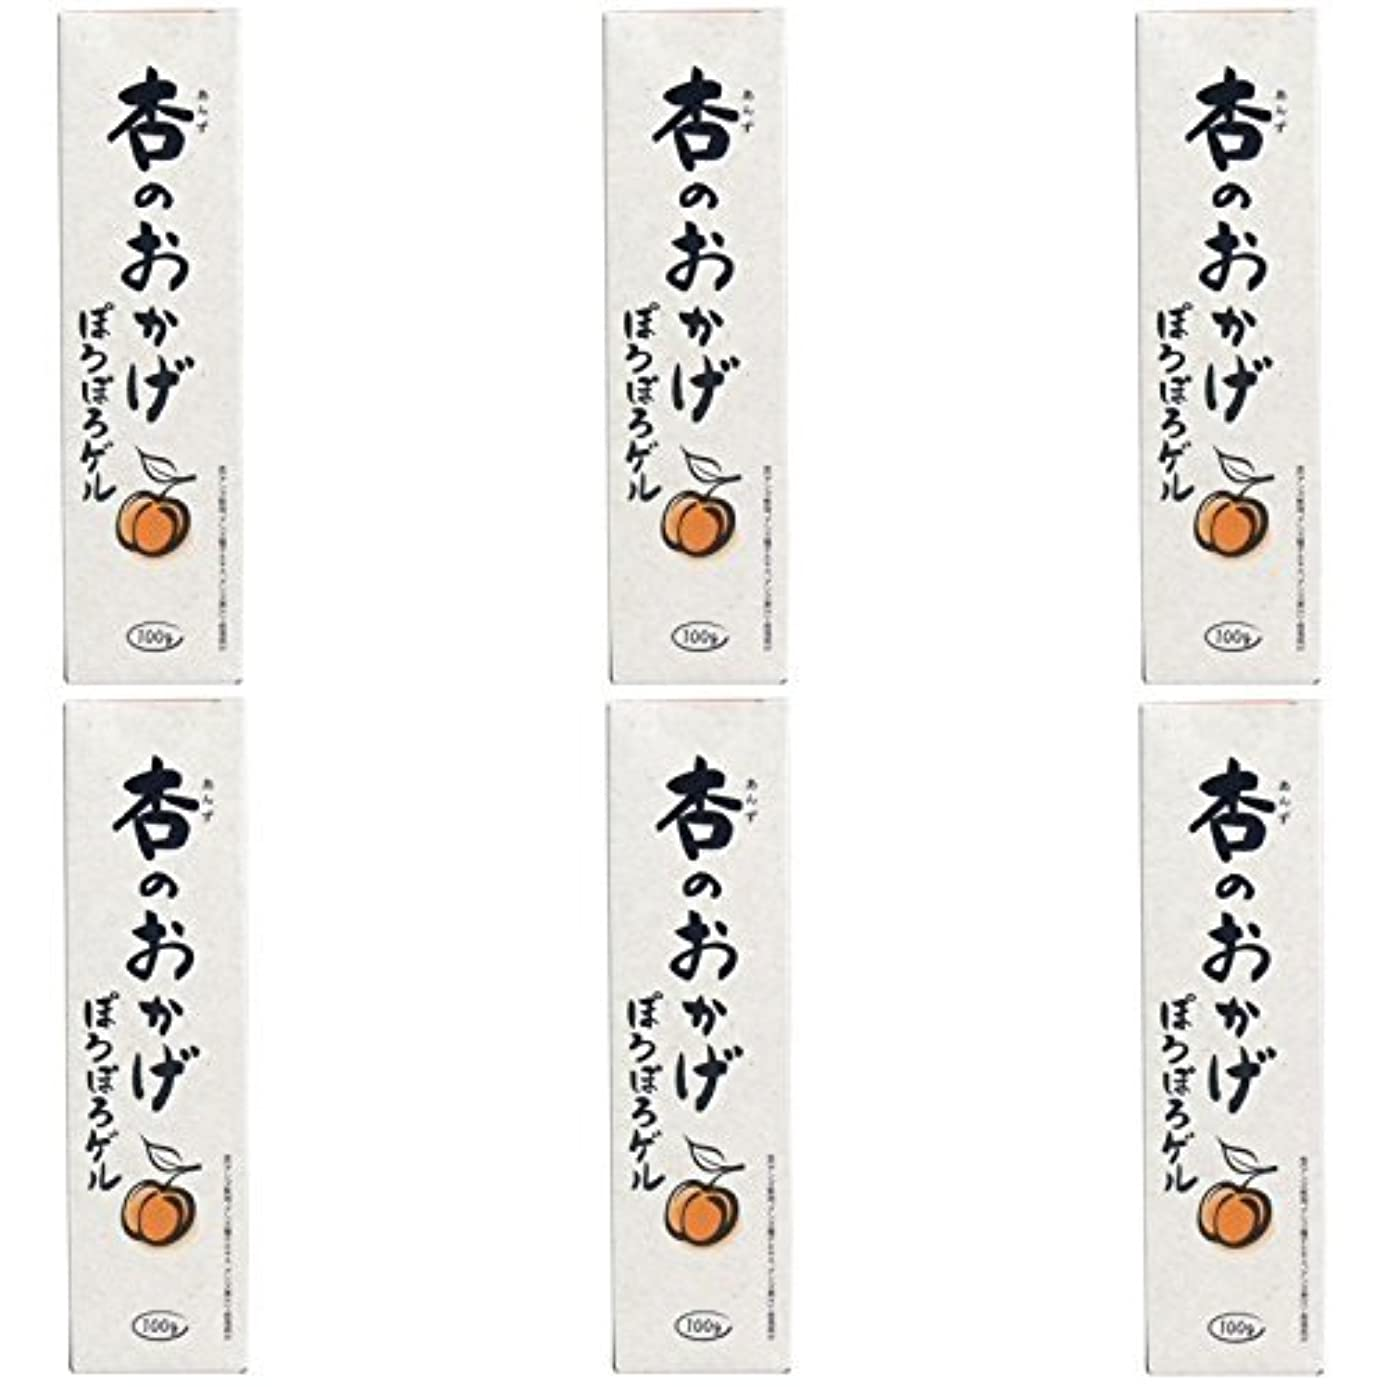 熟練した練習ブランド【まとめ買い】杏のおかげ ぽろぽろゲル 100g【×6個】